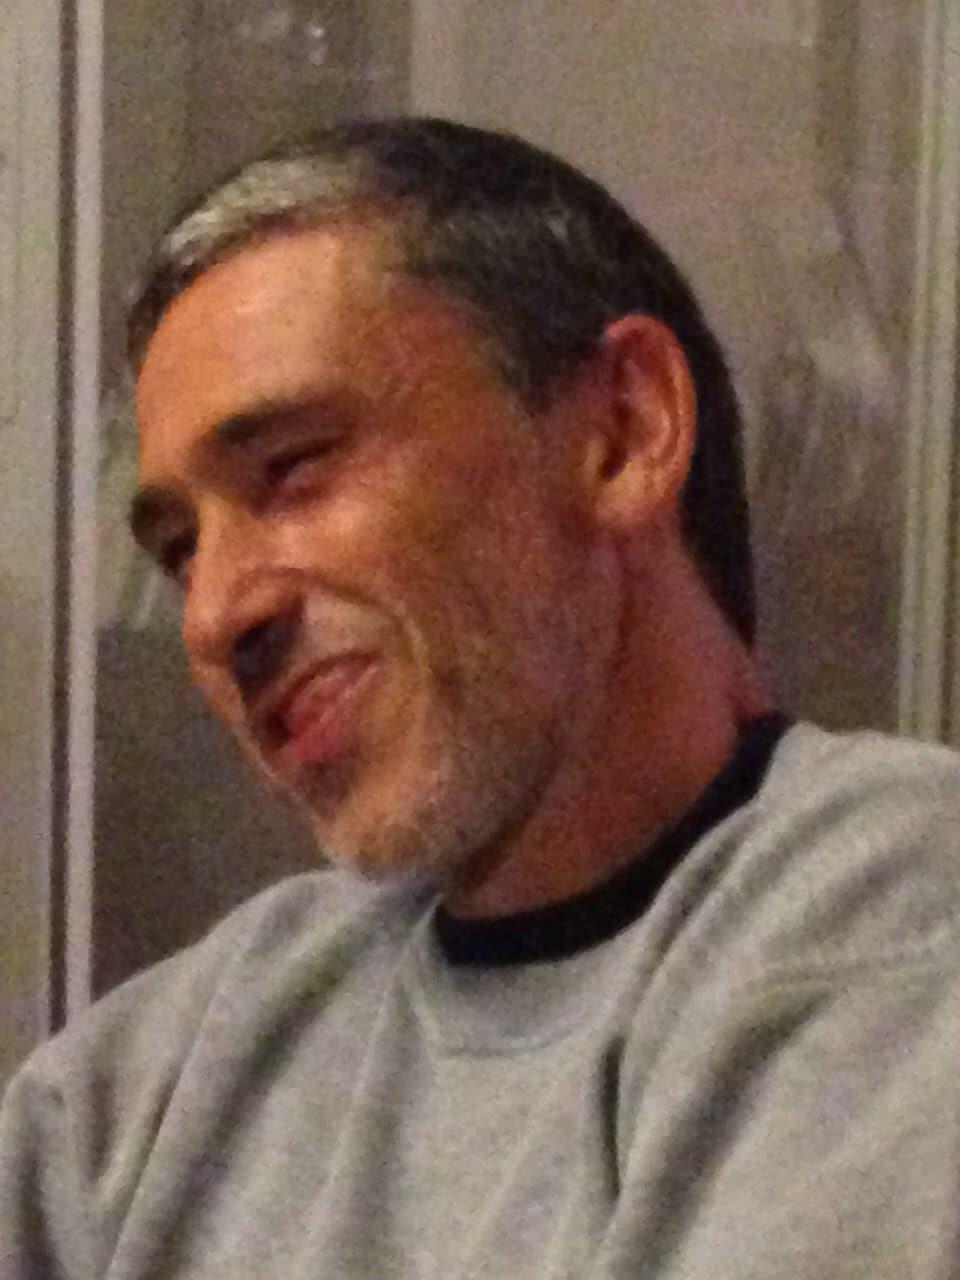 Josè from Rosario